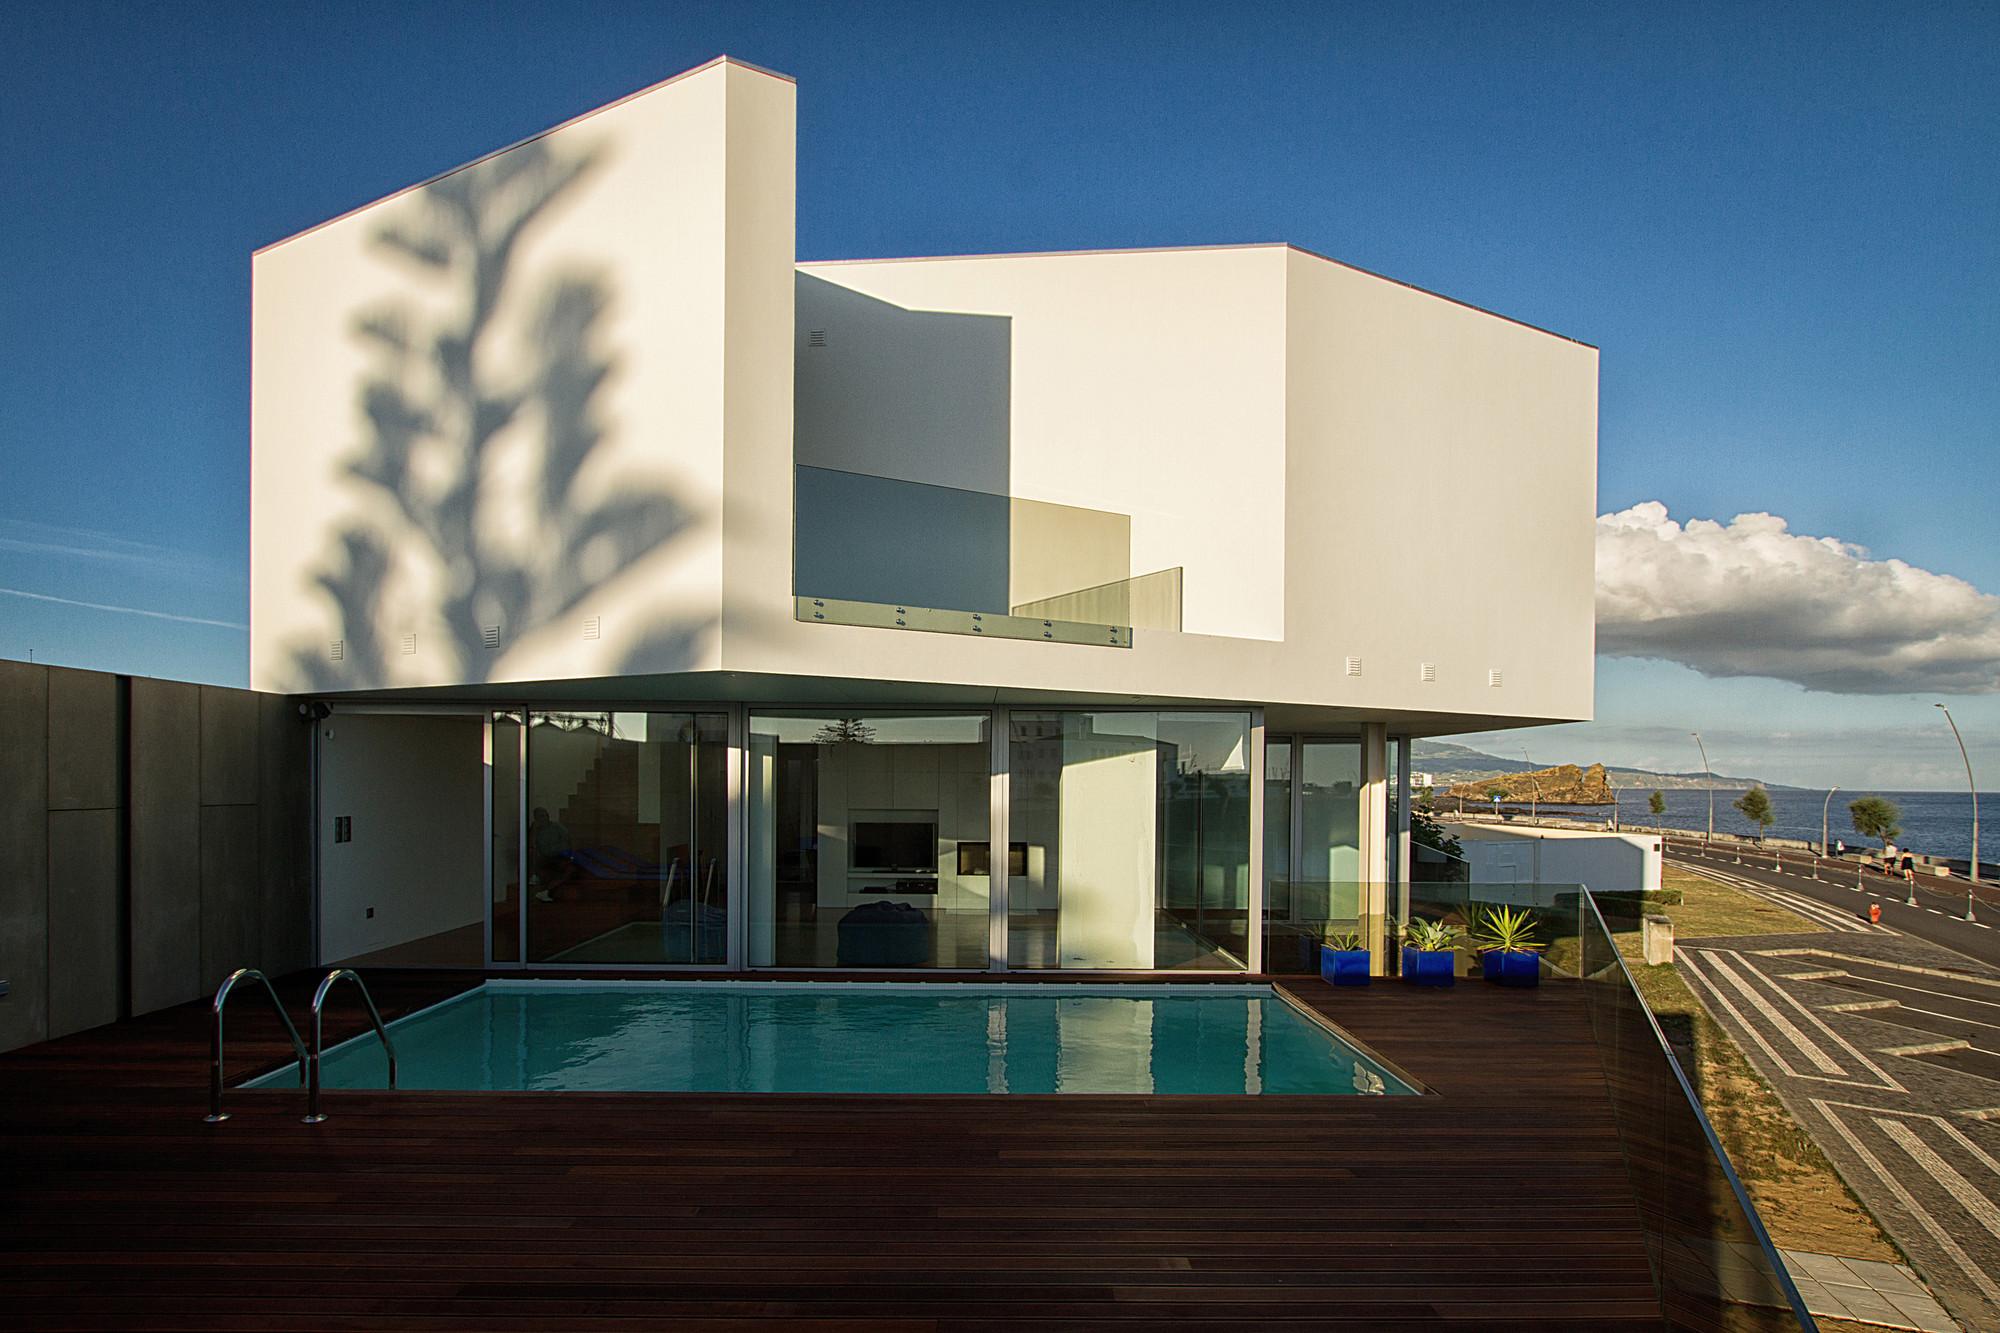 Casa en praia dos santos m arquitectos archdaily for Casa de arquitectos